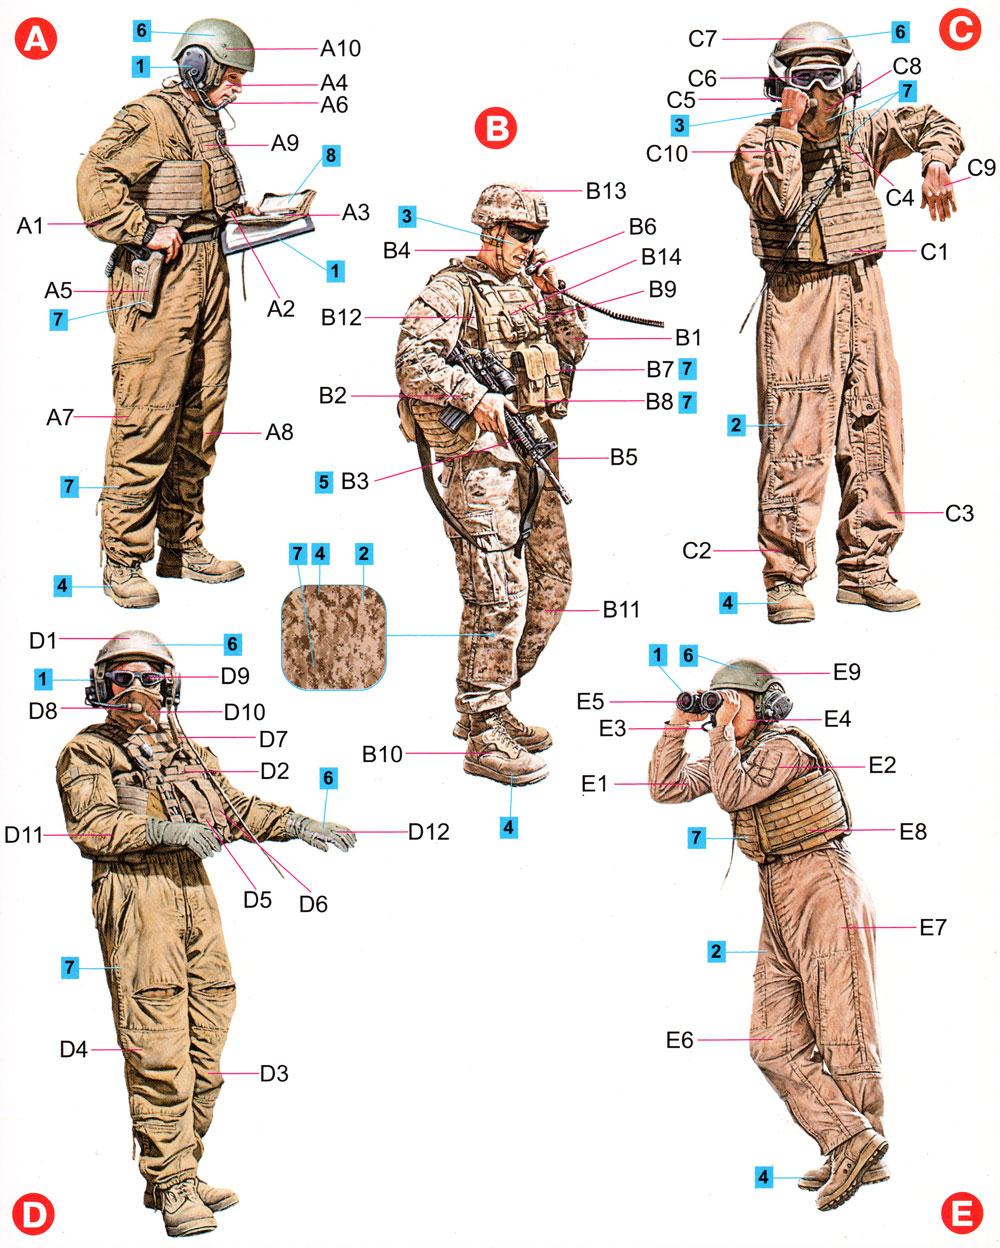 アメリカ 海兵隊 タンククループラモデル(ミニアート1/35 ミリタリーミニチュアNo.37008)商品画像_1